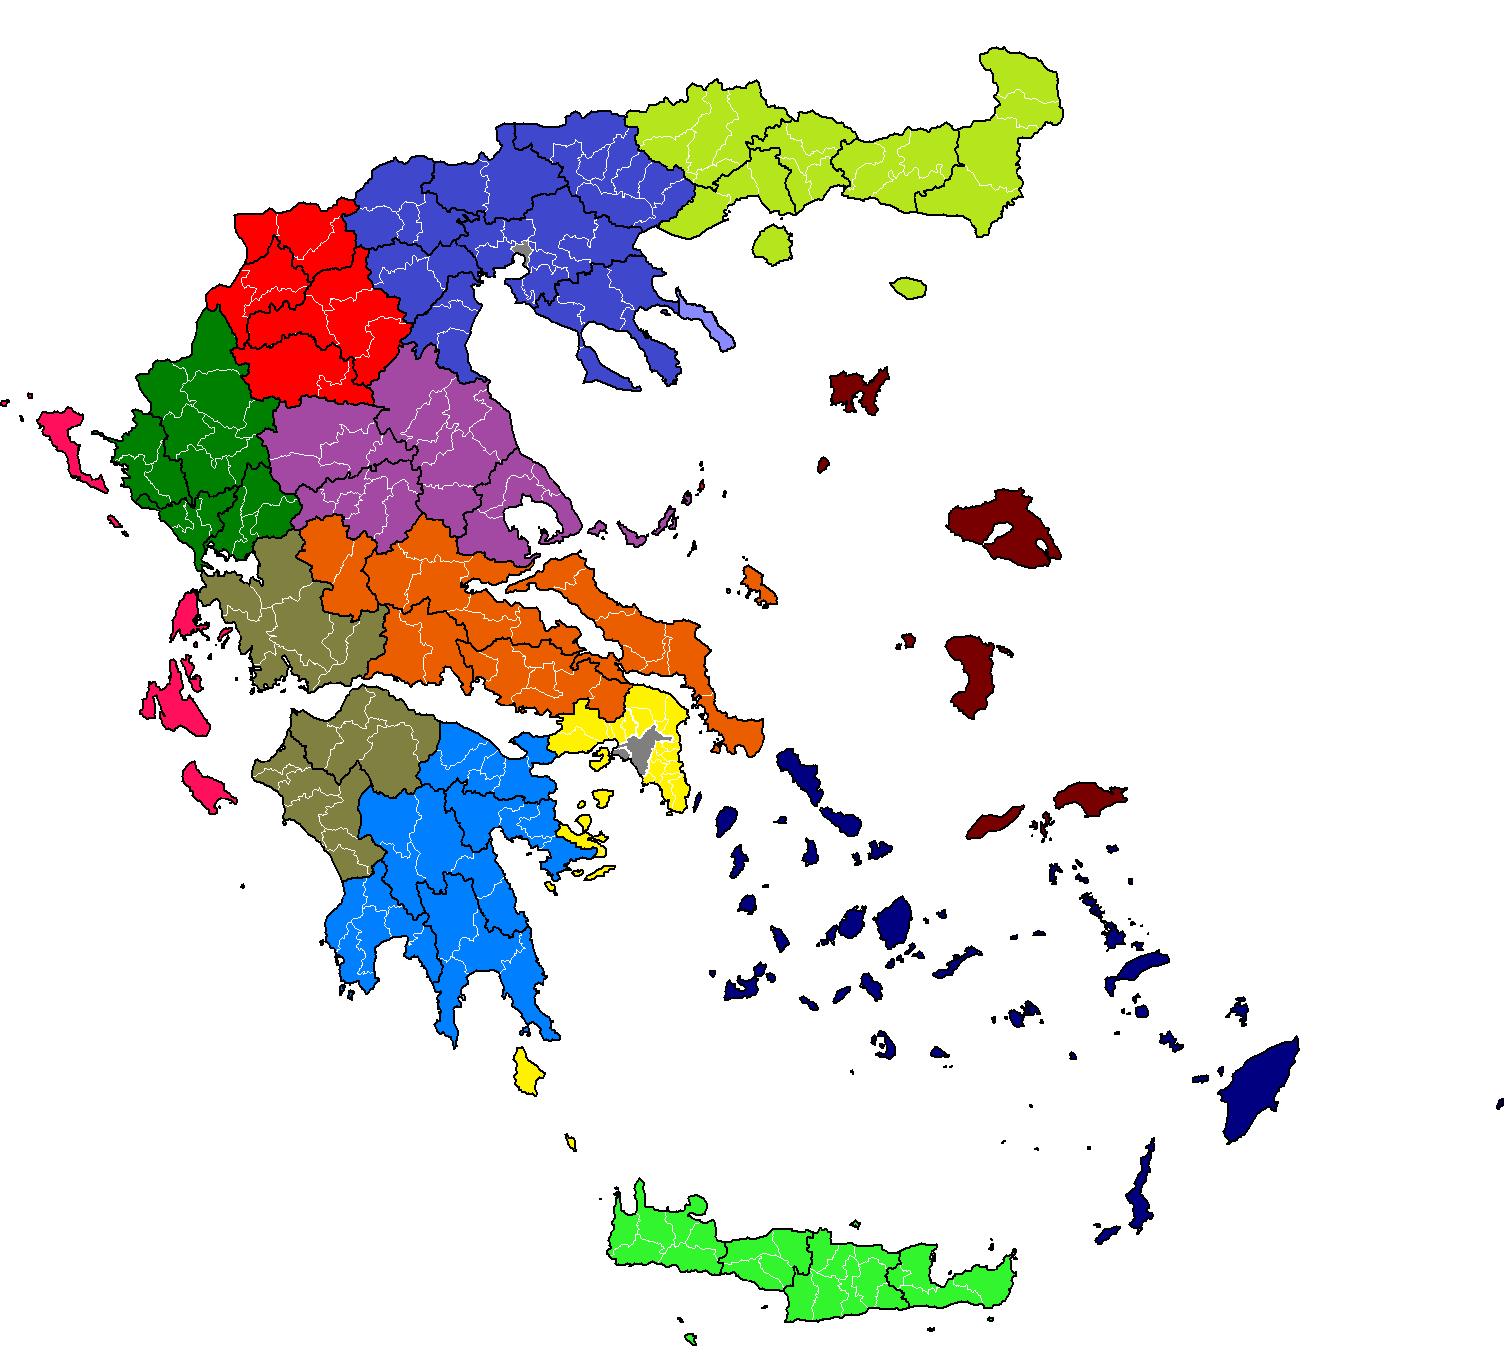 Πως θα κυβερνηθούν δήμοι και περιφέρειες-Συγχωνεύονται και καταργούνται οι συνεργαζόμενοι συνδυασμοί